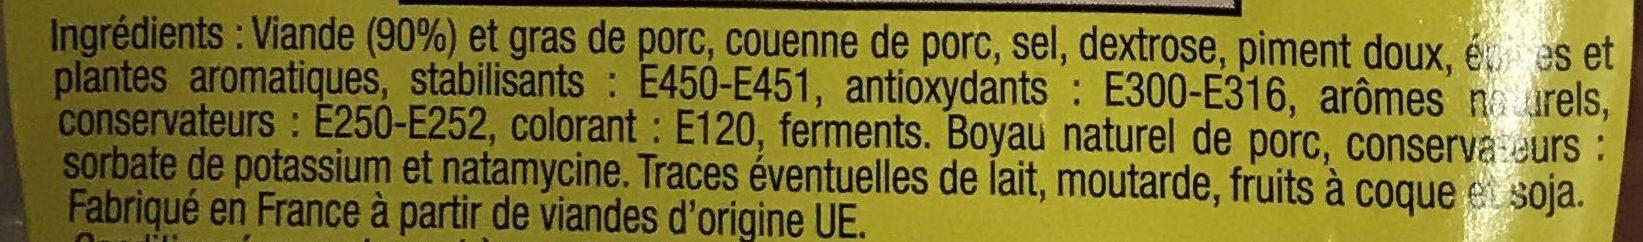 Chorizo pur porc Fort - Ingrédients - fr